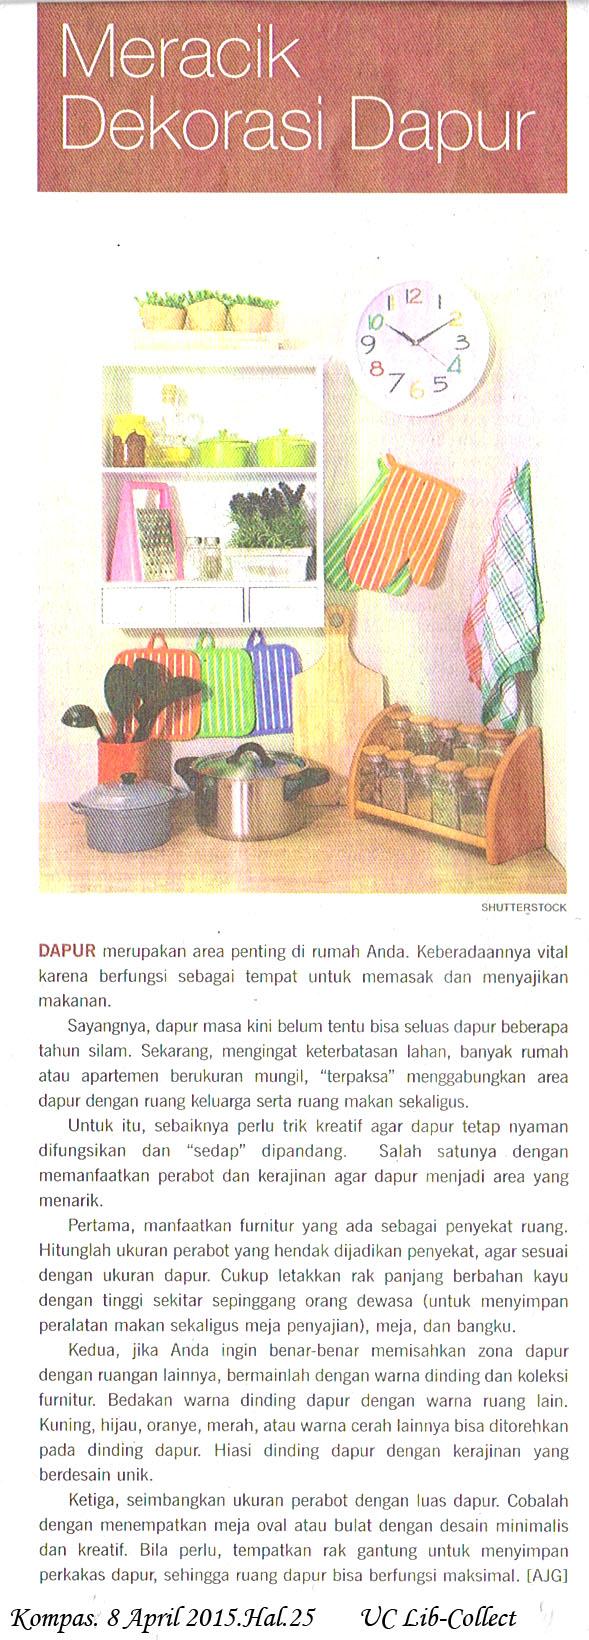 Meracik Dekorasi Dapur. Kompas. 8 April 2015.Hal.25